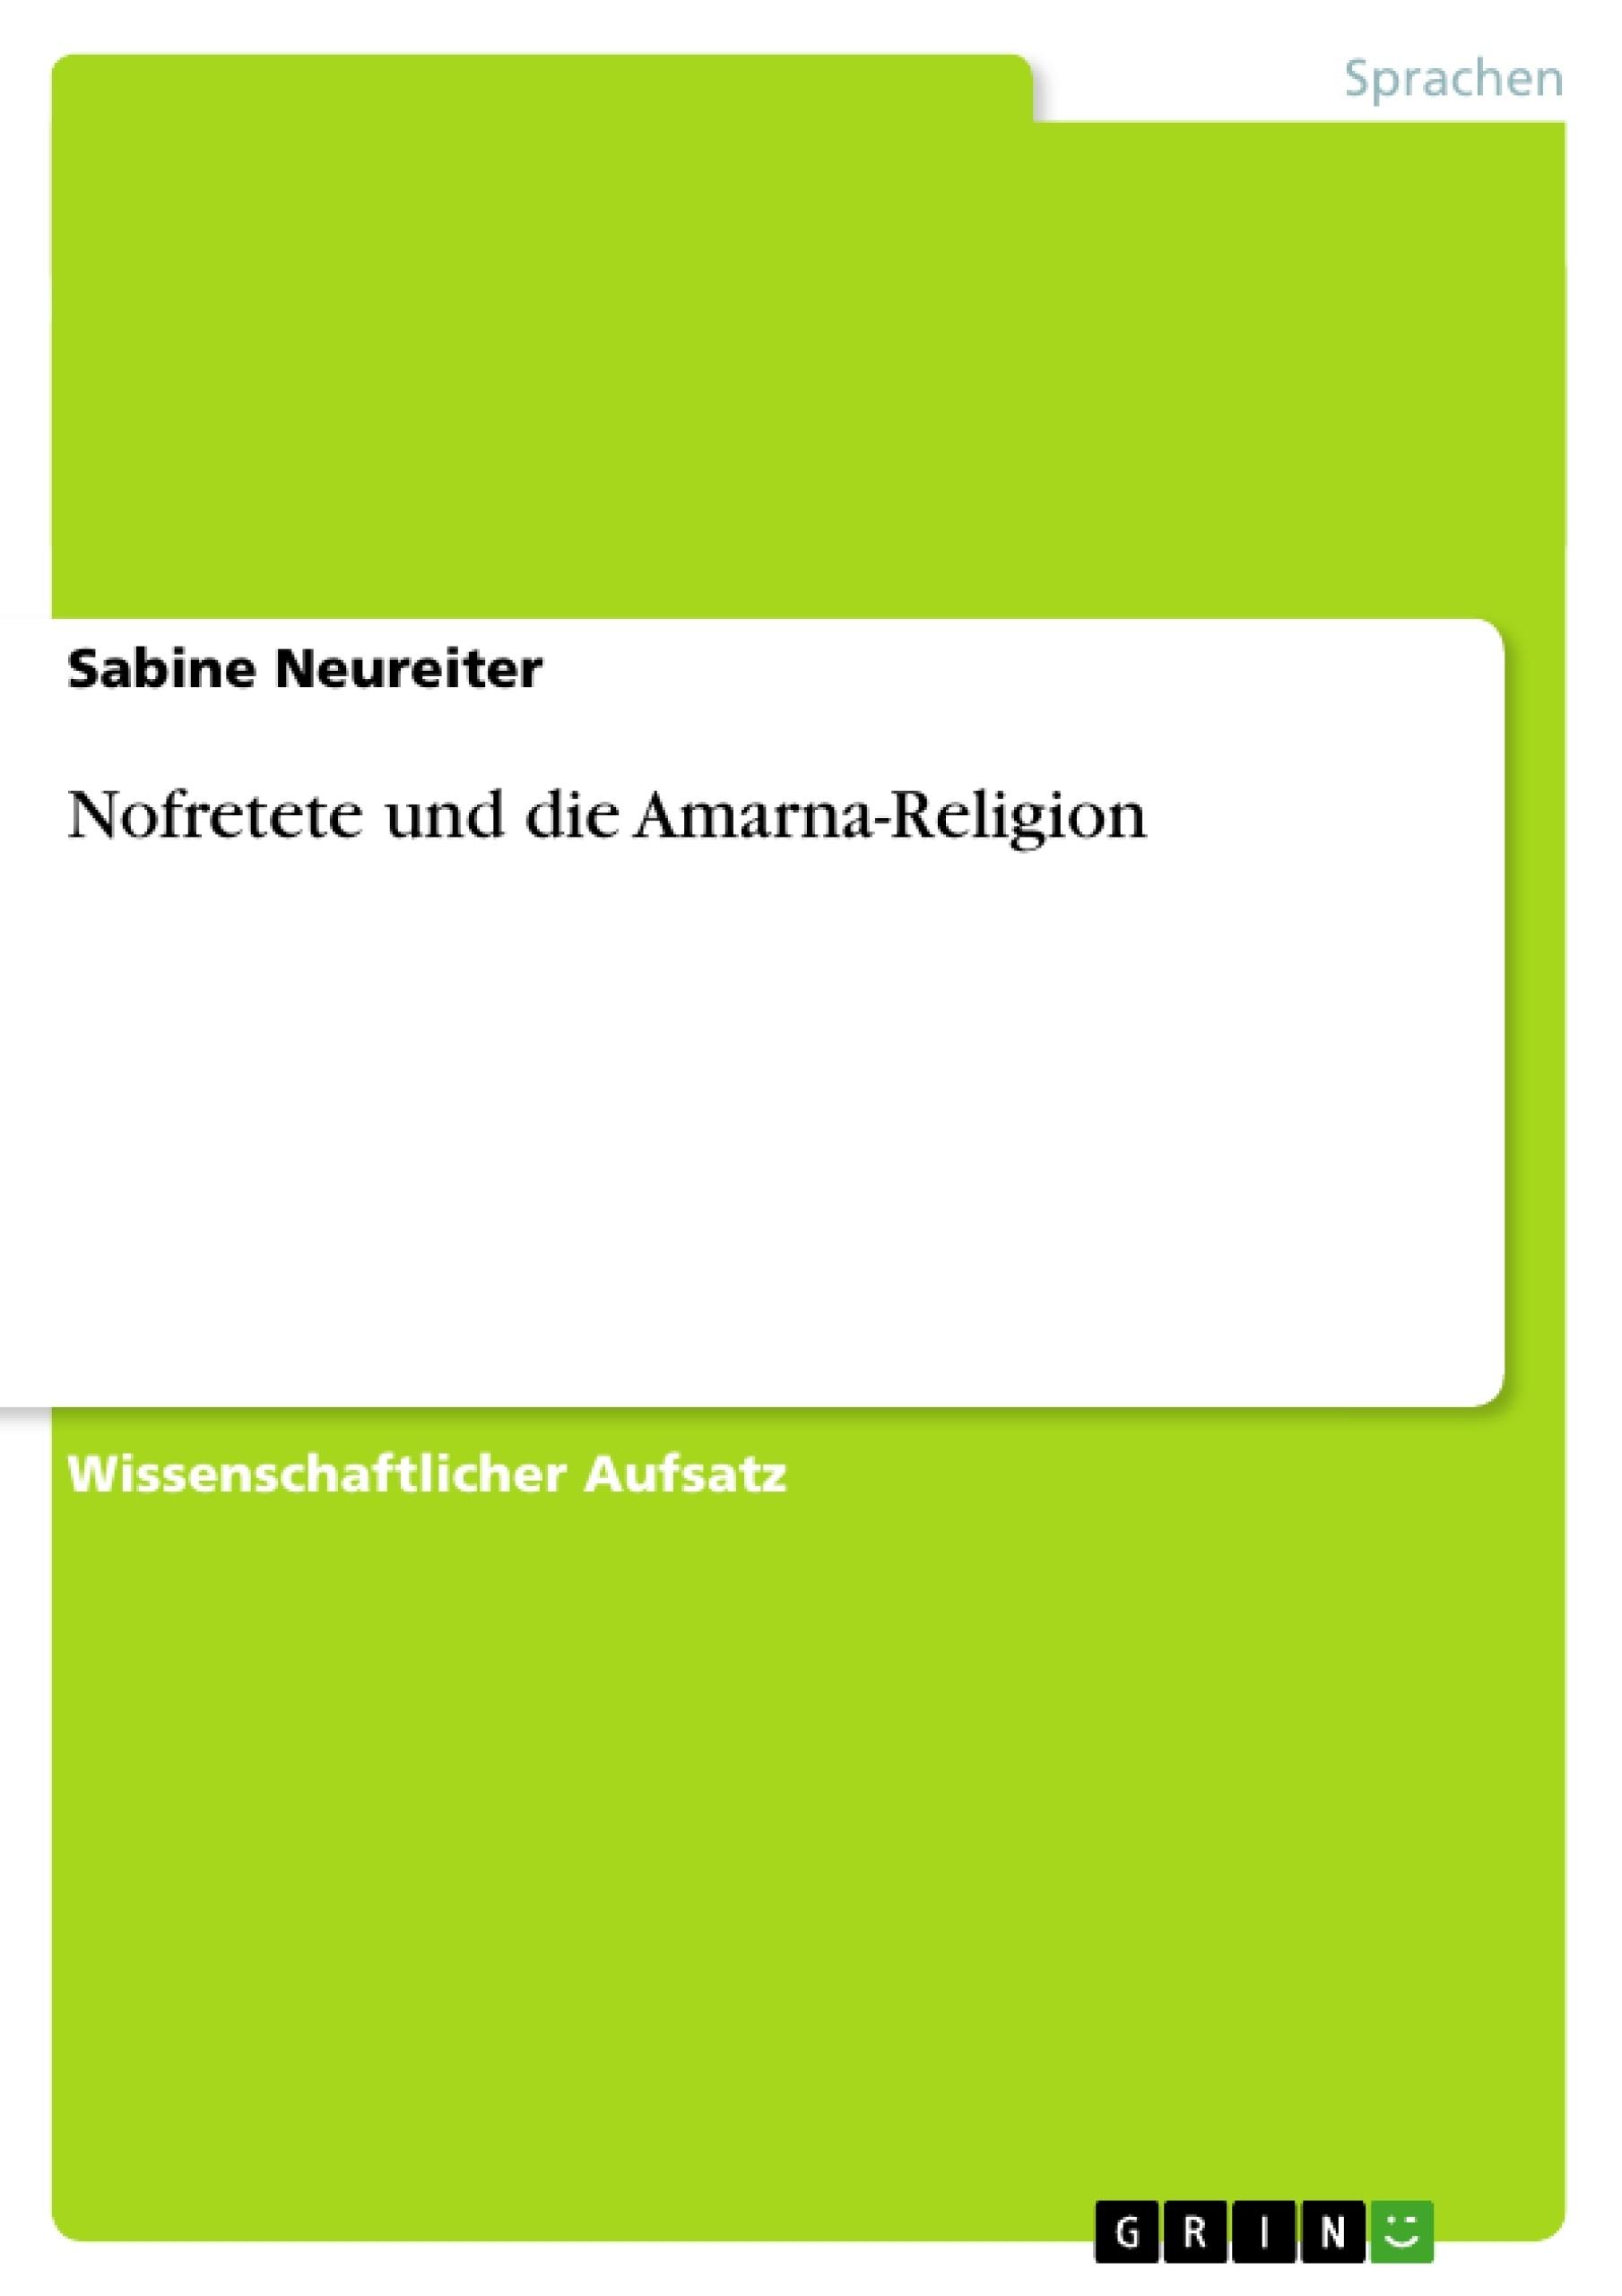 Titel: Nofretete und die Amarna-Religion